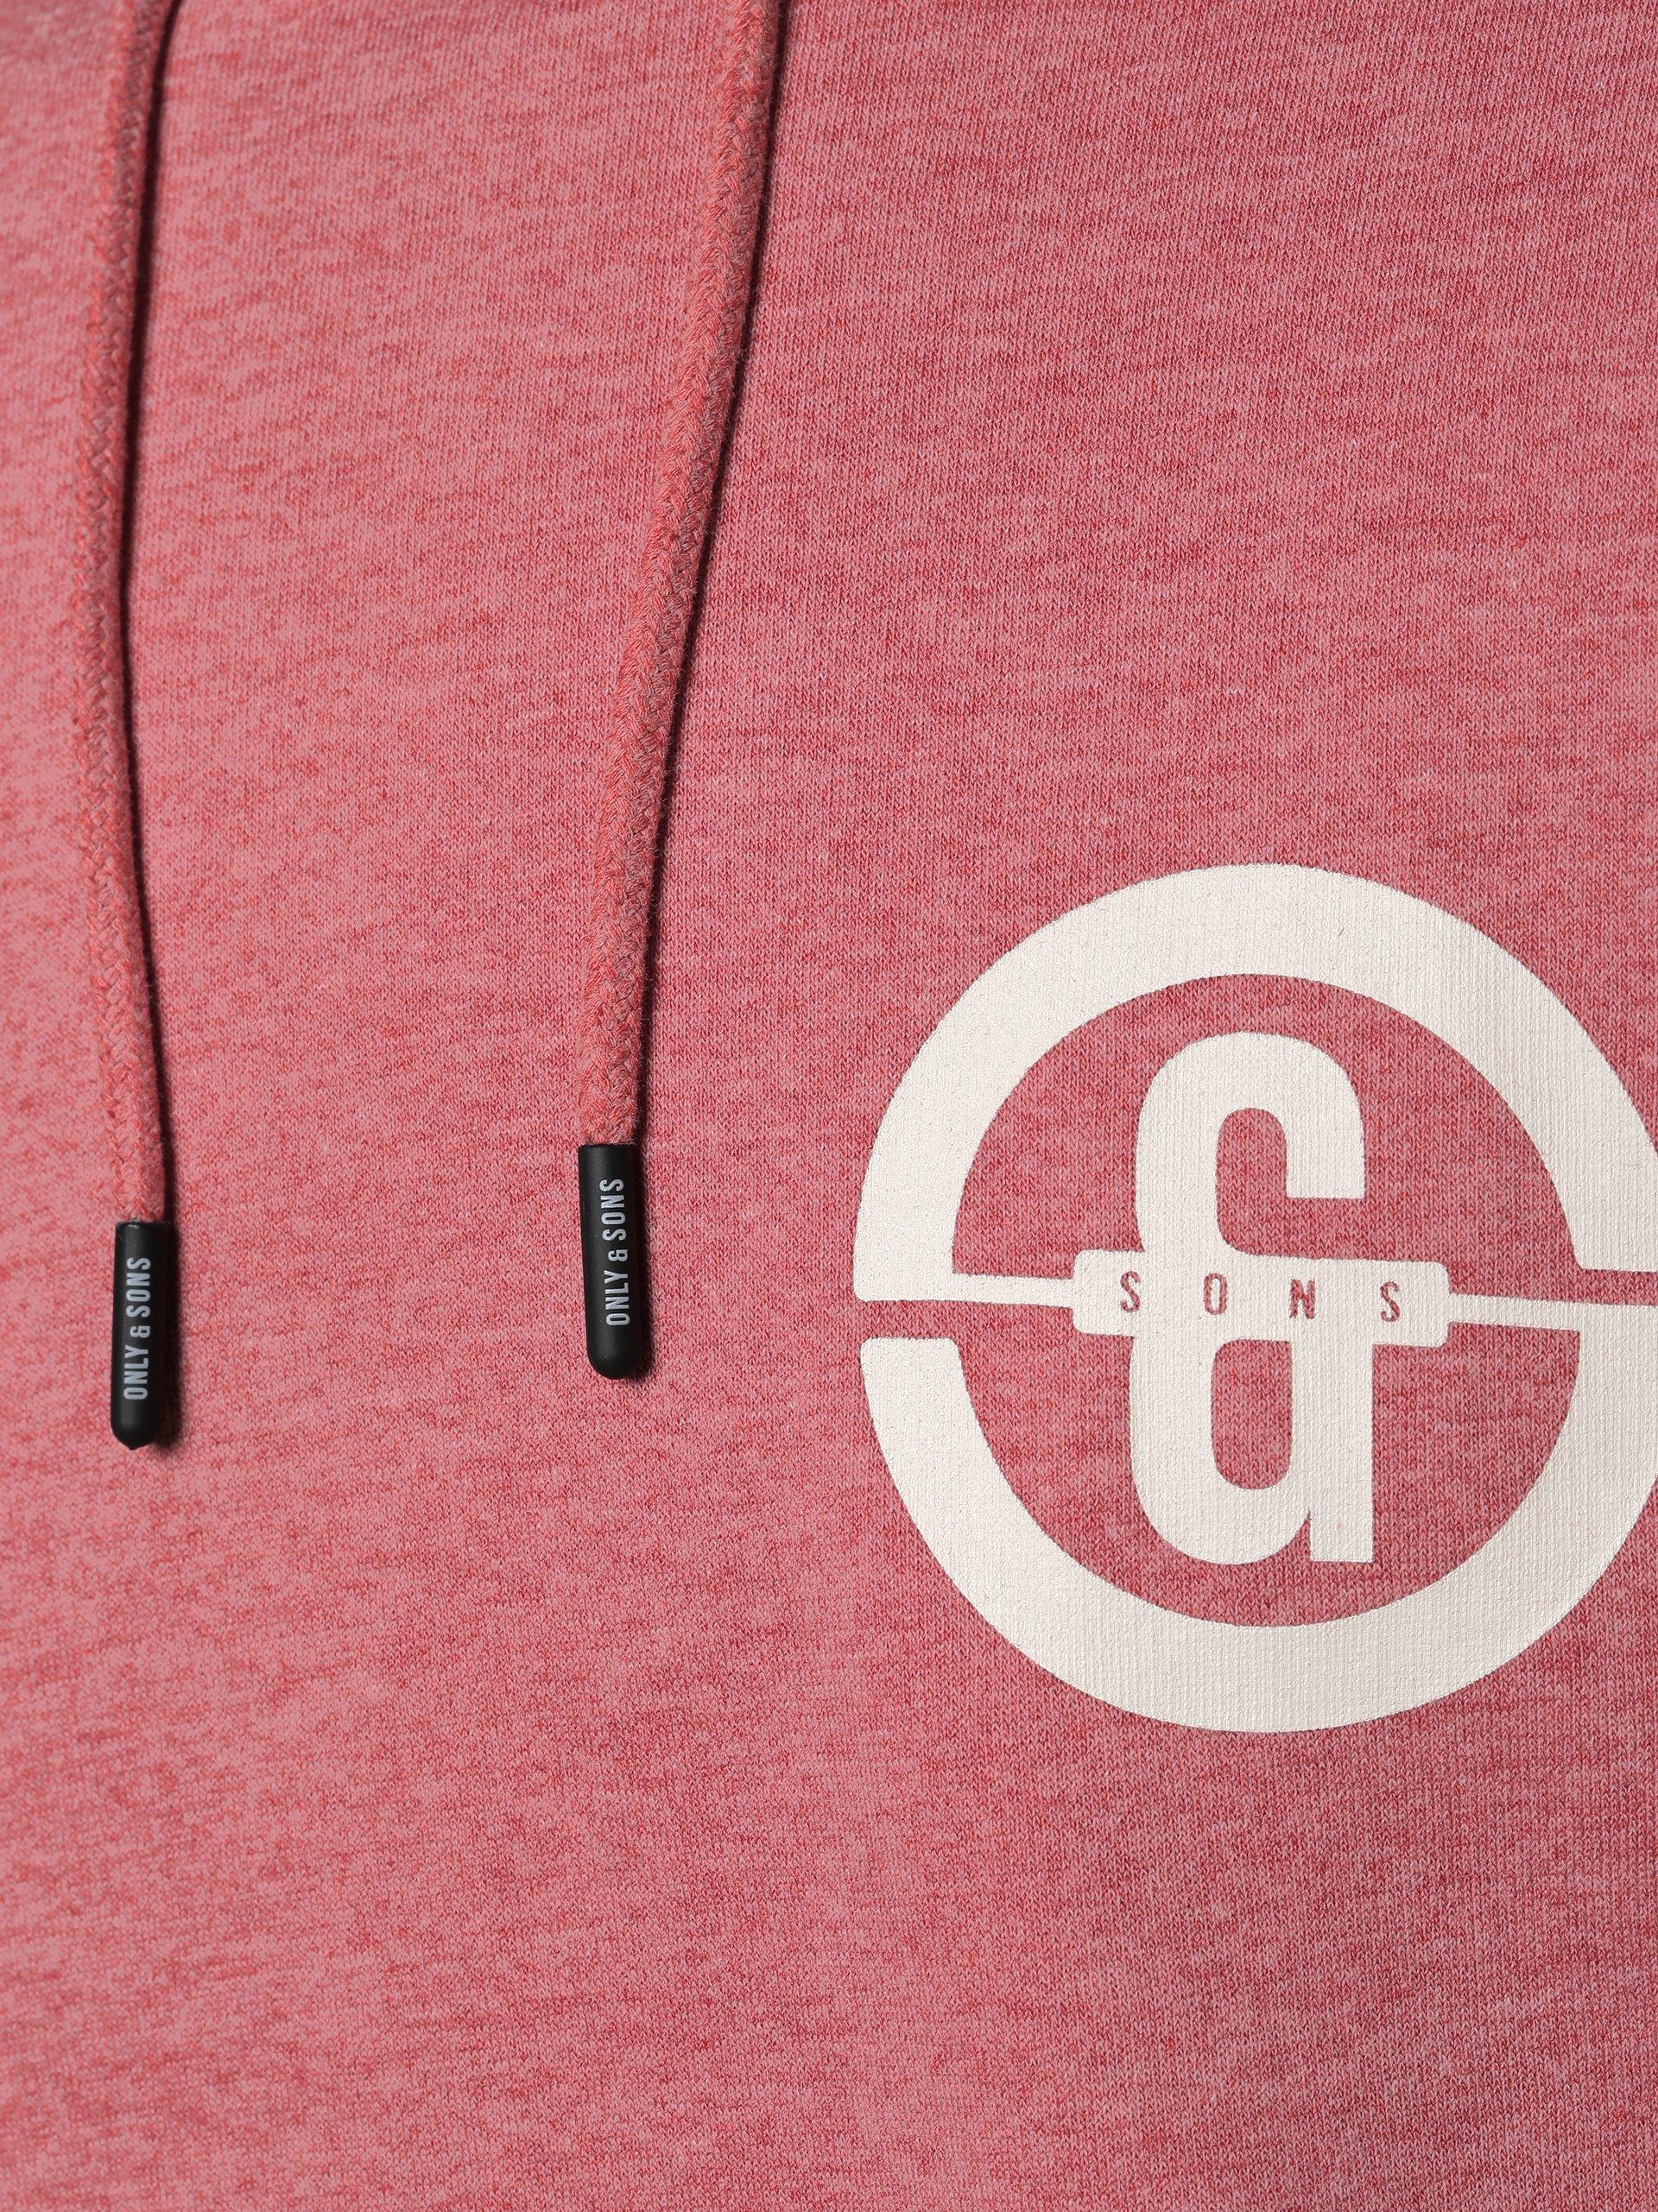 Only&Sons Herren Sweatshirt - Onsorlando